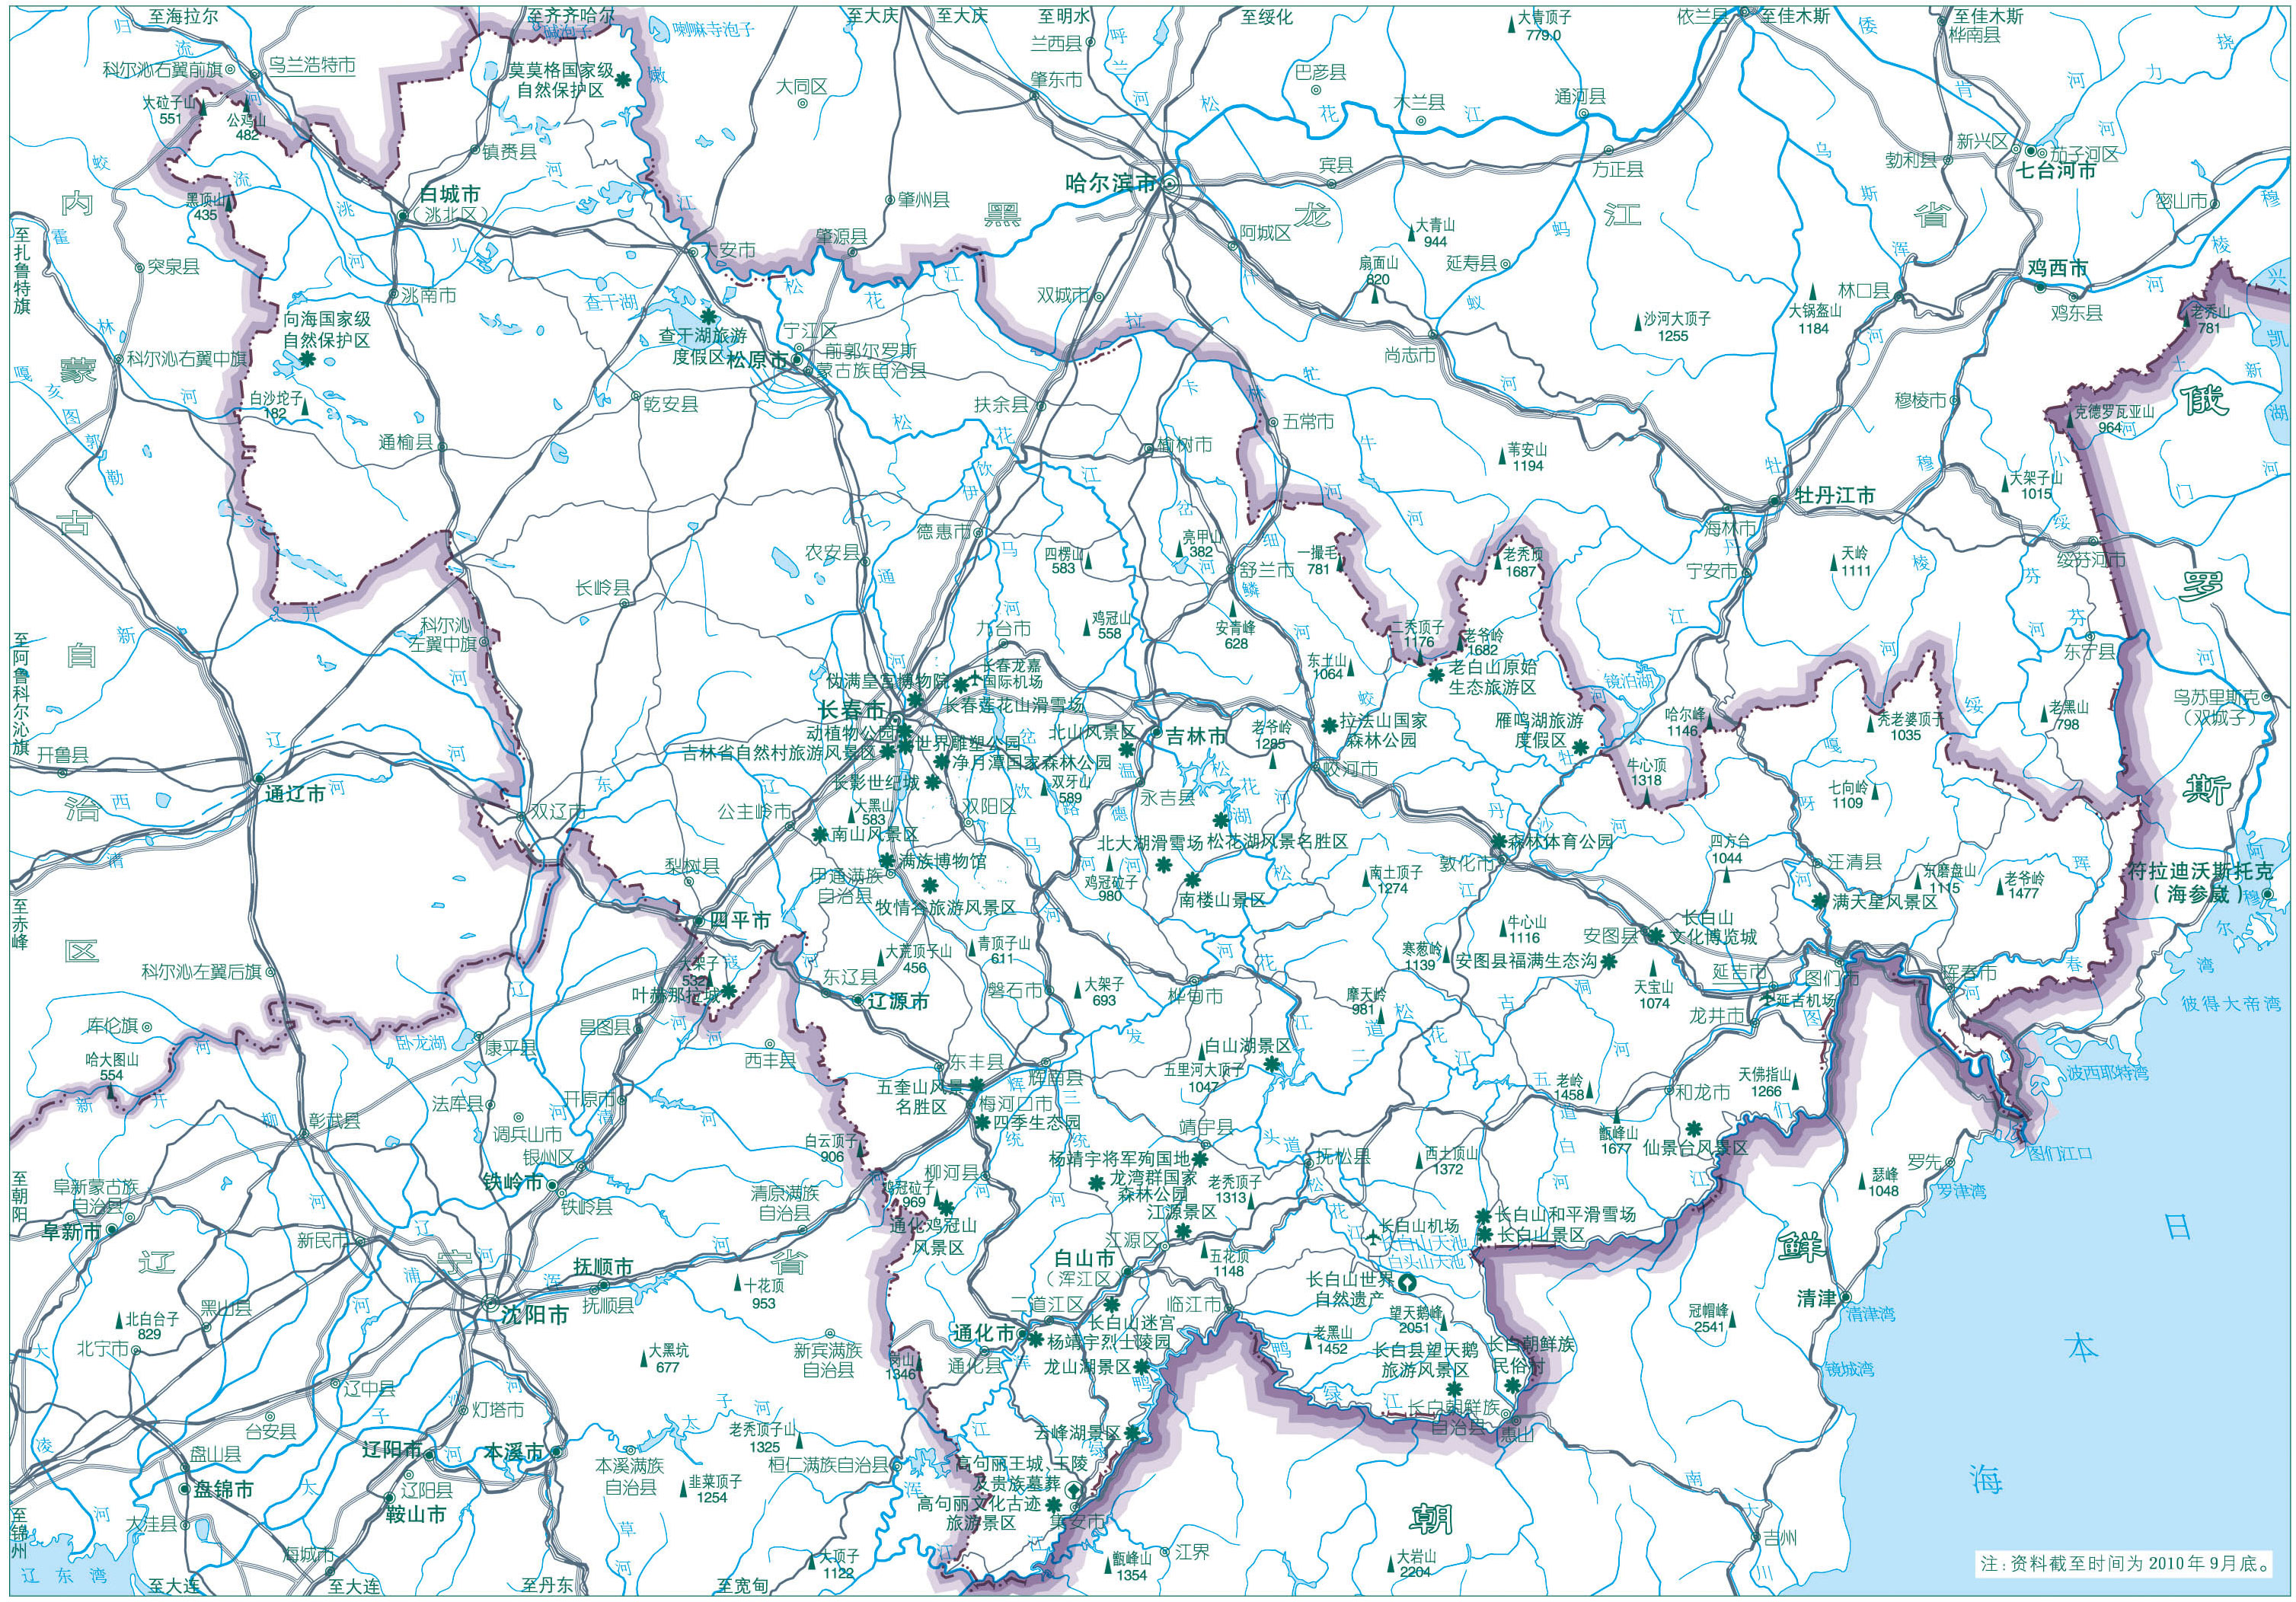 吉林地图旅游景点版_吉林地图查询